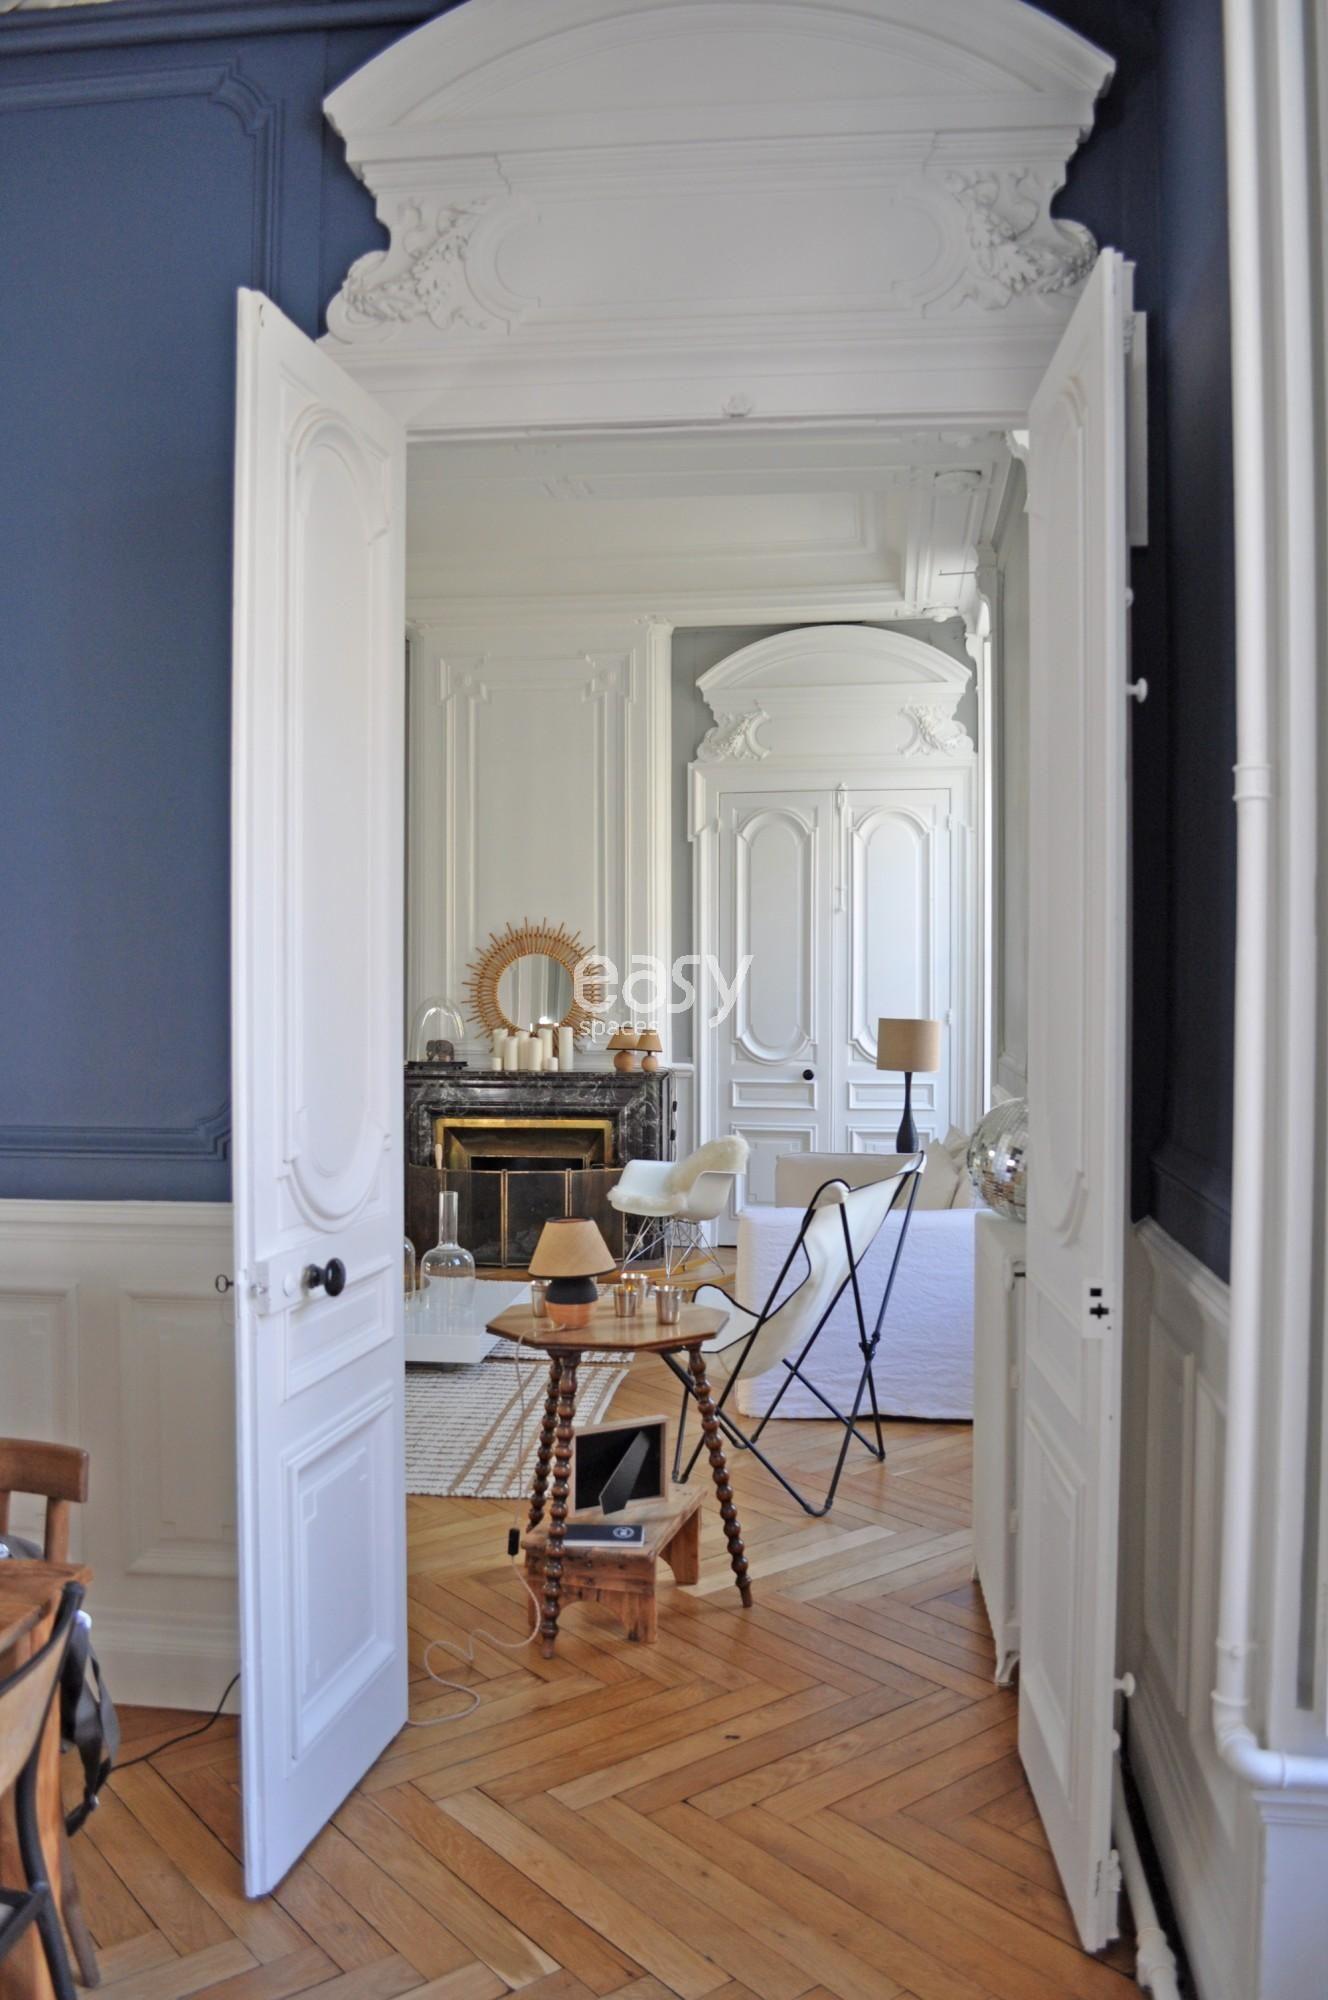 Achat Espace Atypique Lyon appartement haussmanien pour shooting tournage lyon lieux